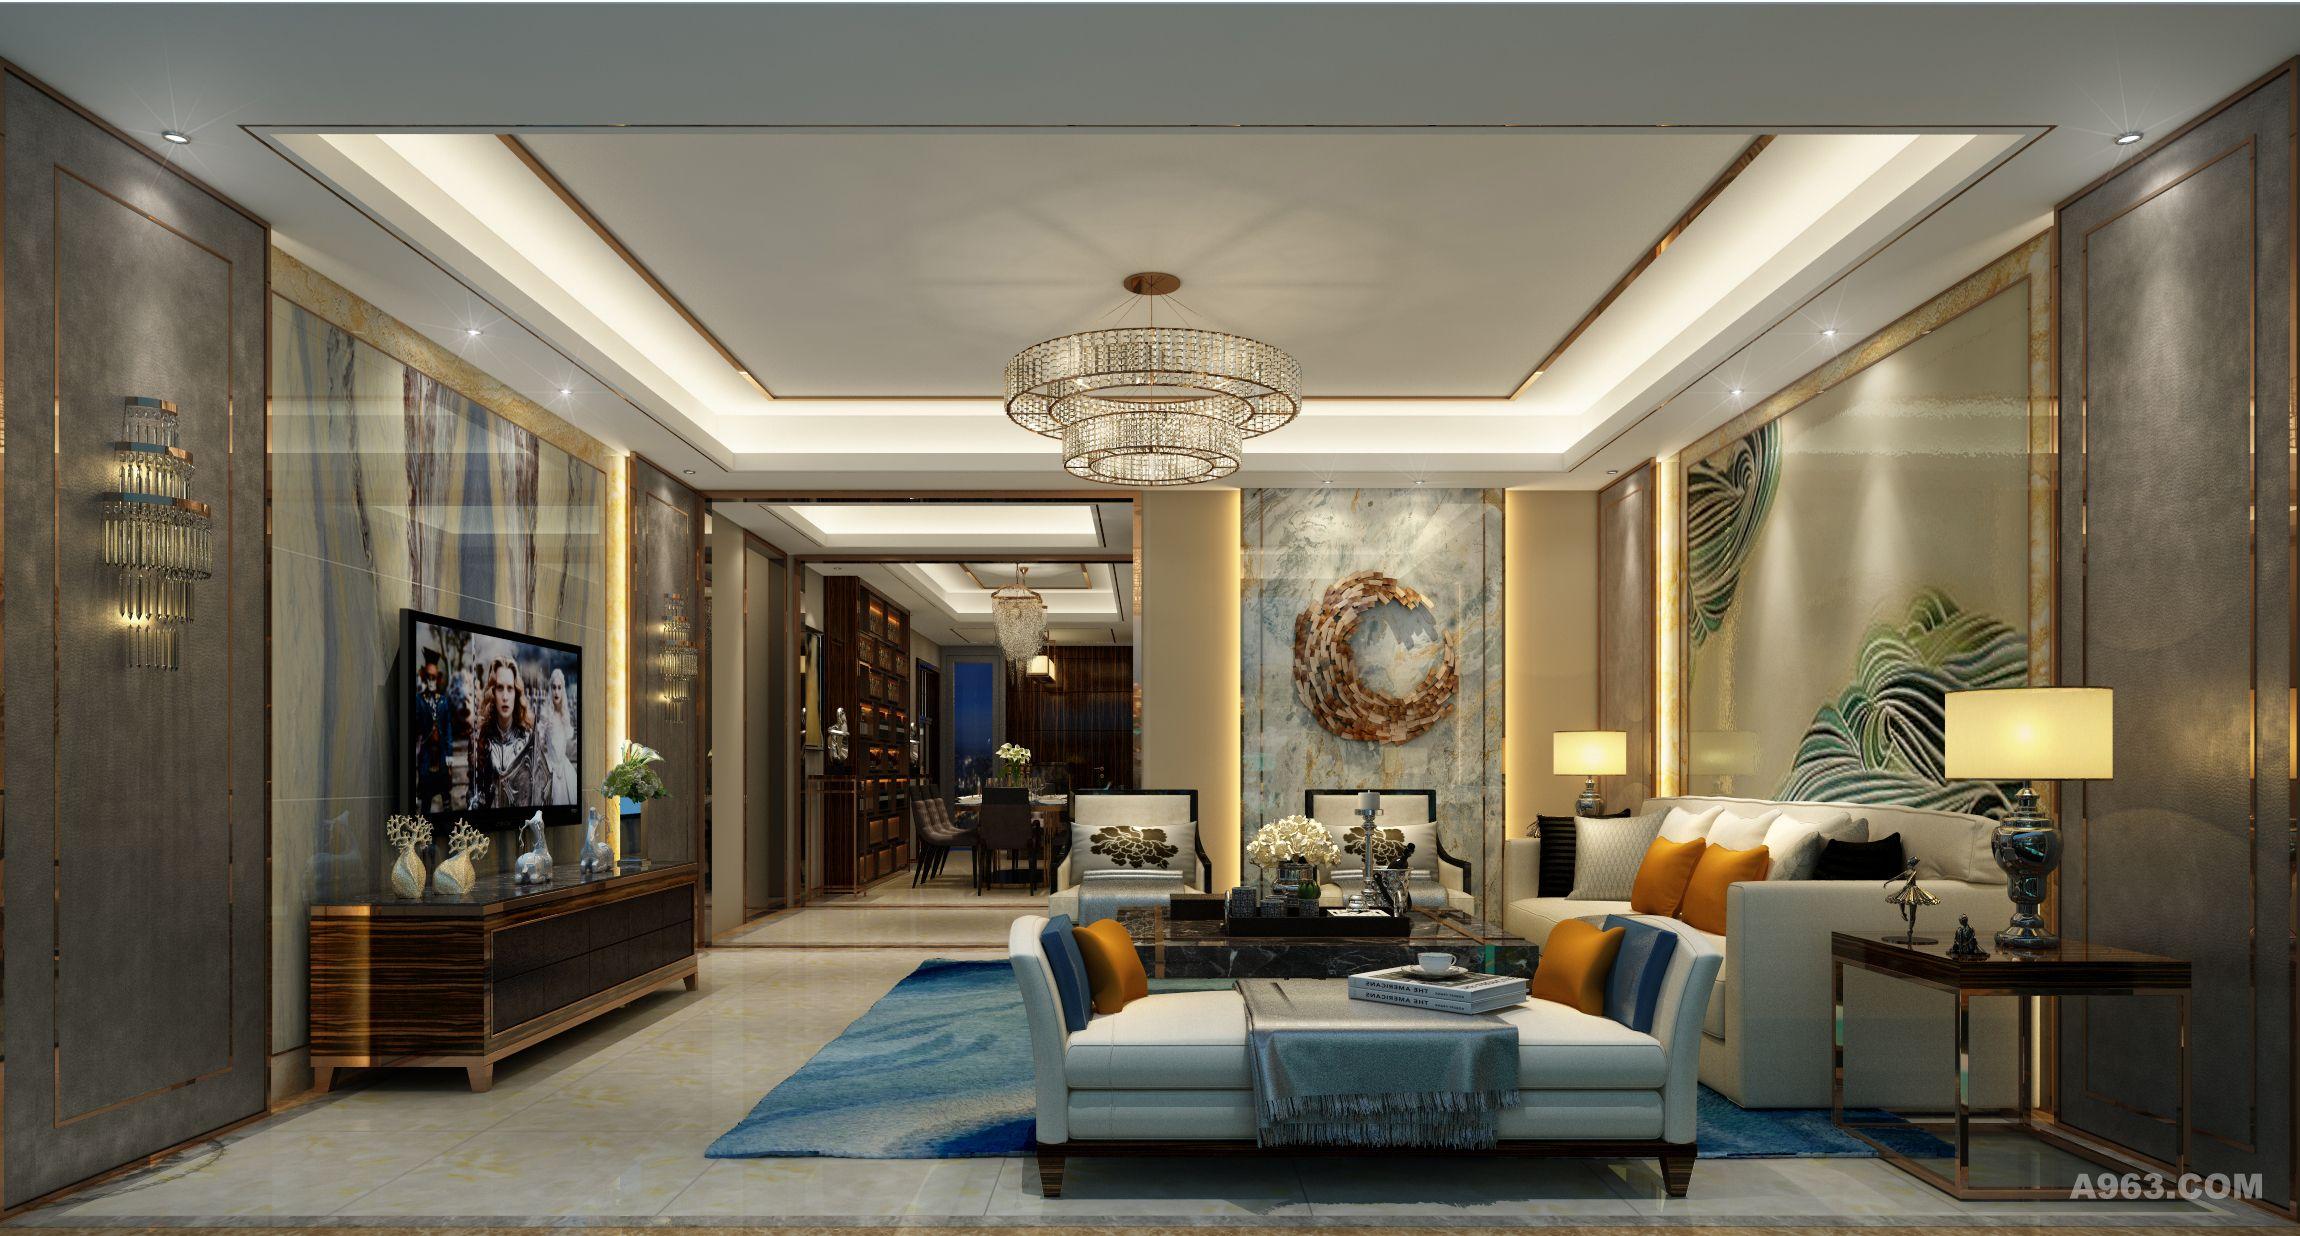 细节决定成败,客厅做为一个公共区域无论颜色还是材质,讲究的不是杂乱的堆叠,炫酷的视觉效果 ,而是一气呵成,恰到好处!